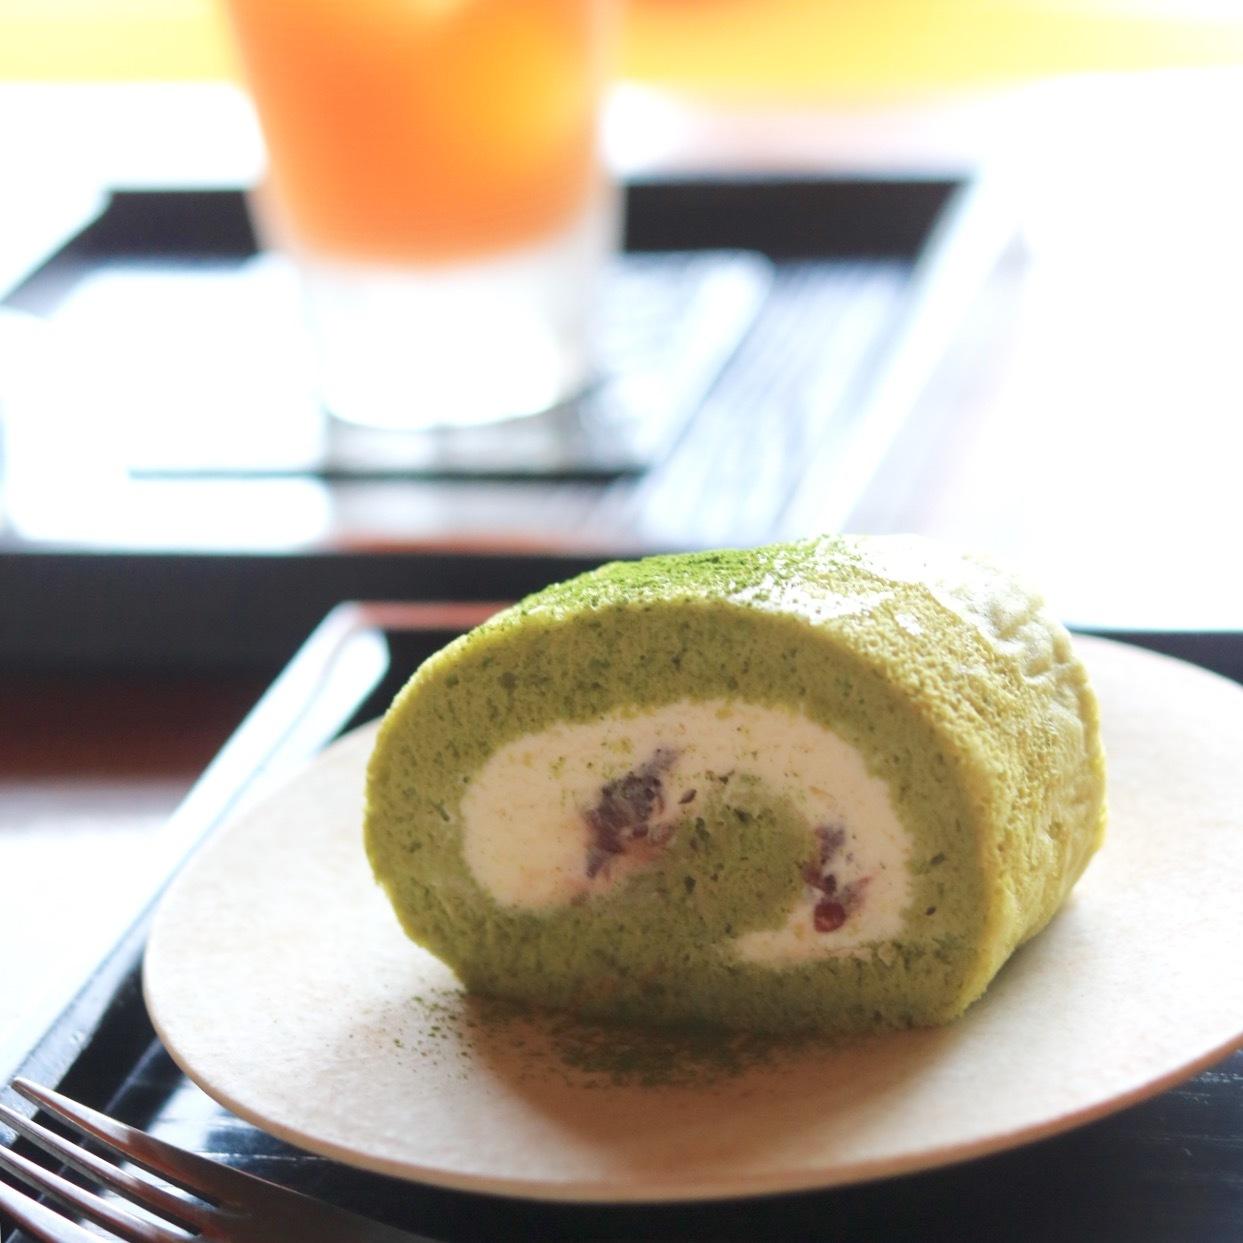 行田市のcafé 閑居さんでランチ_c0366722_12424344.jpeg